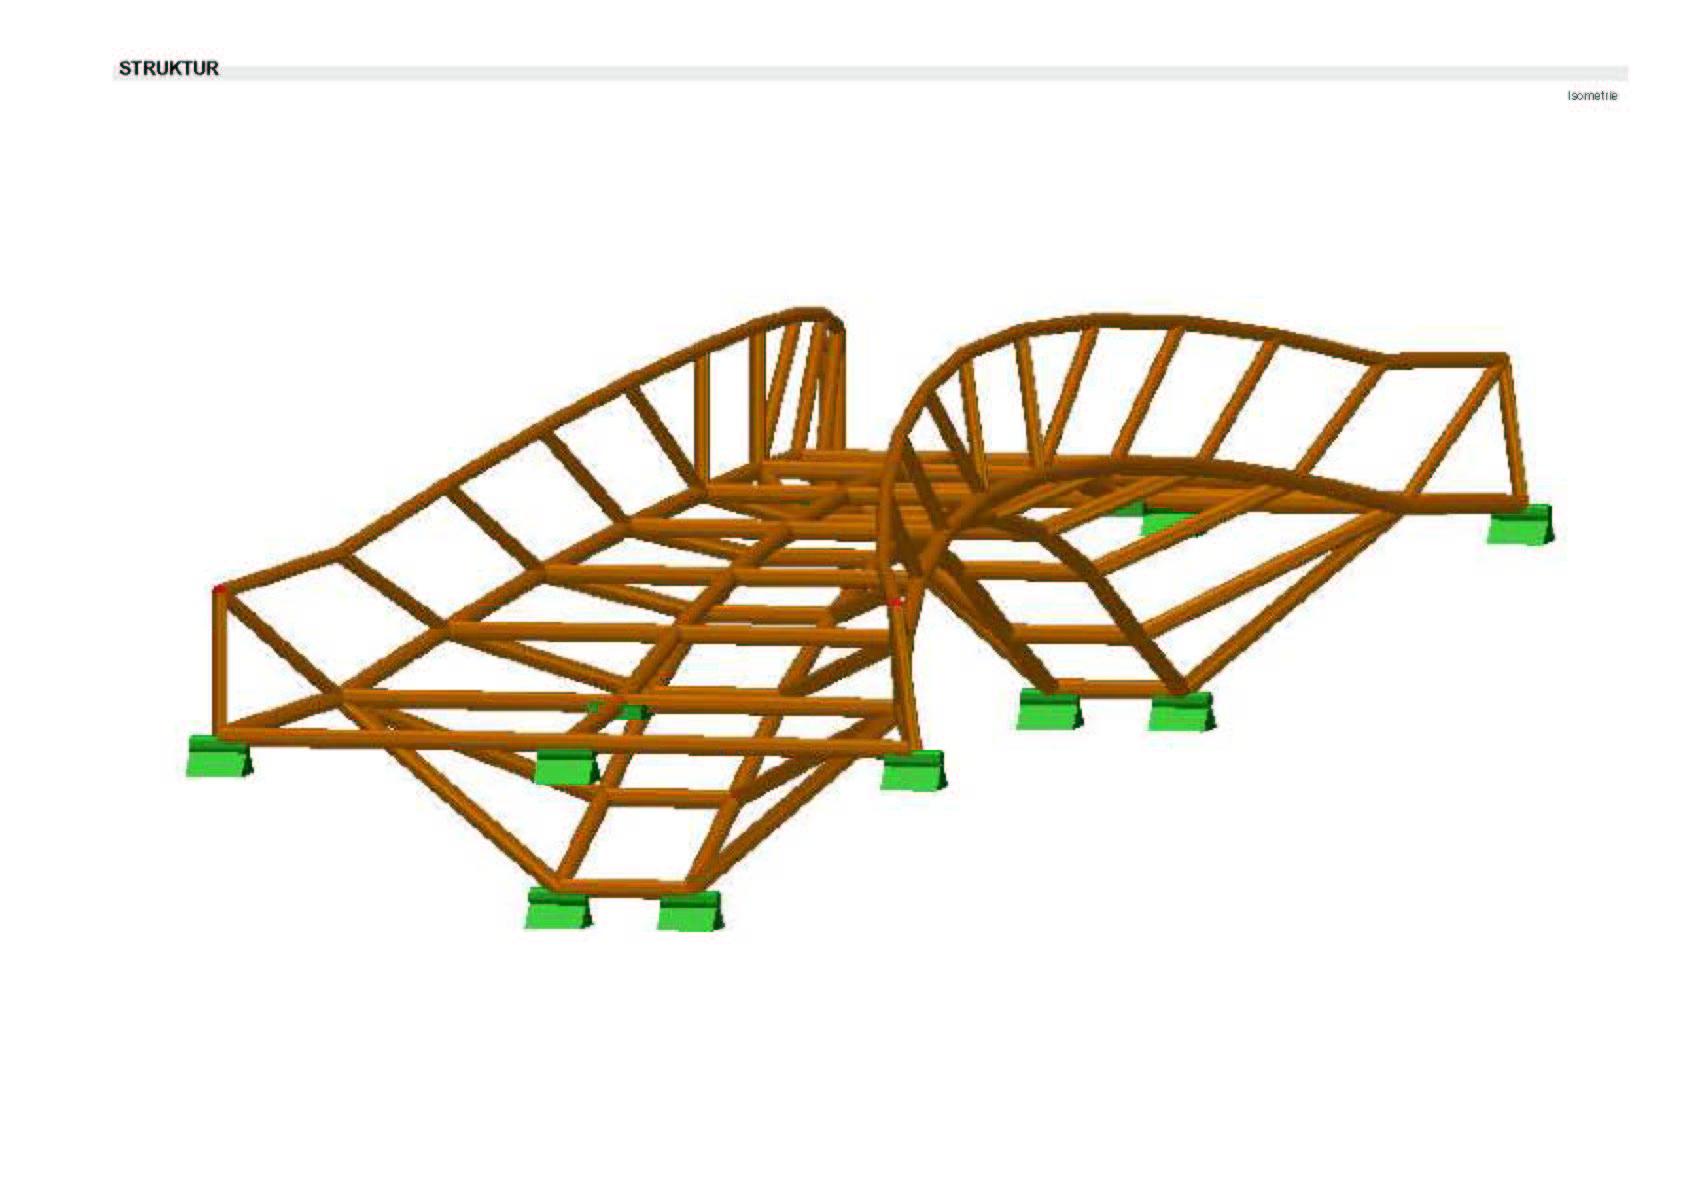 Taillierte Brücke (Gitter)